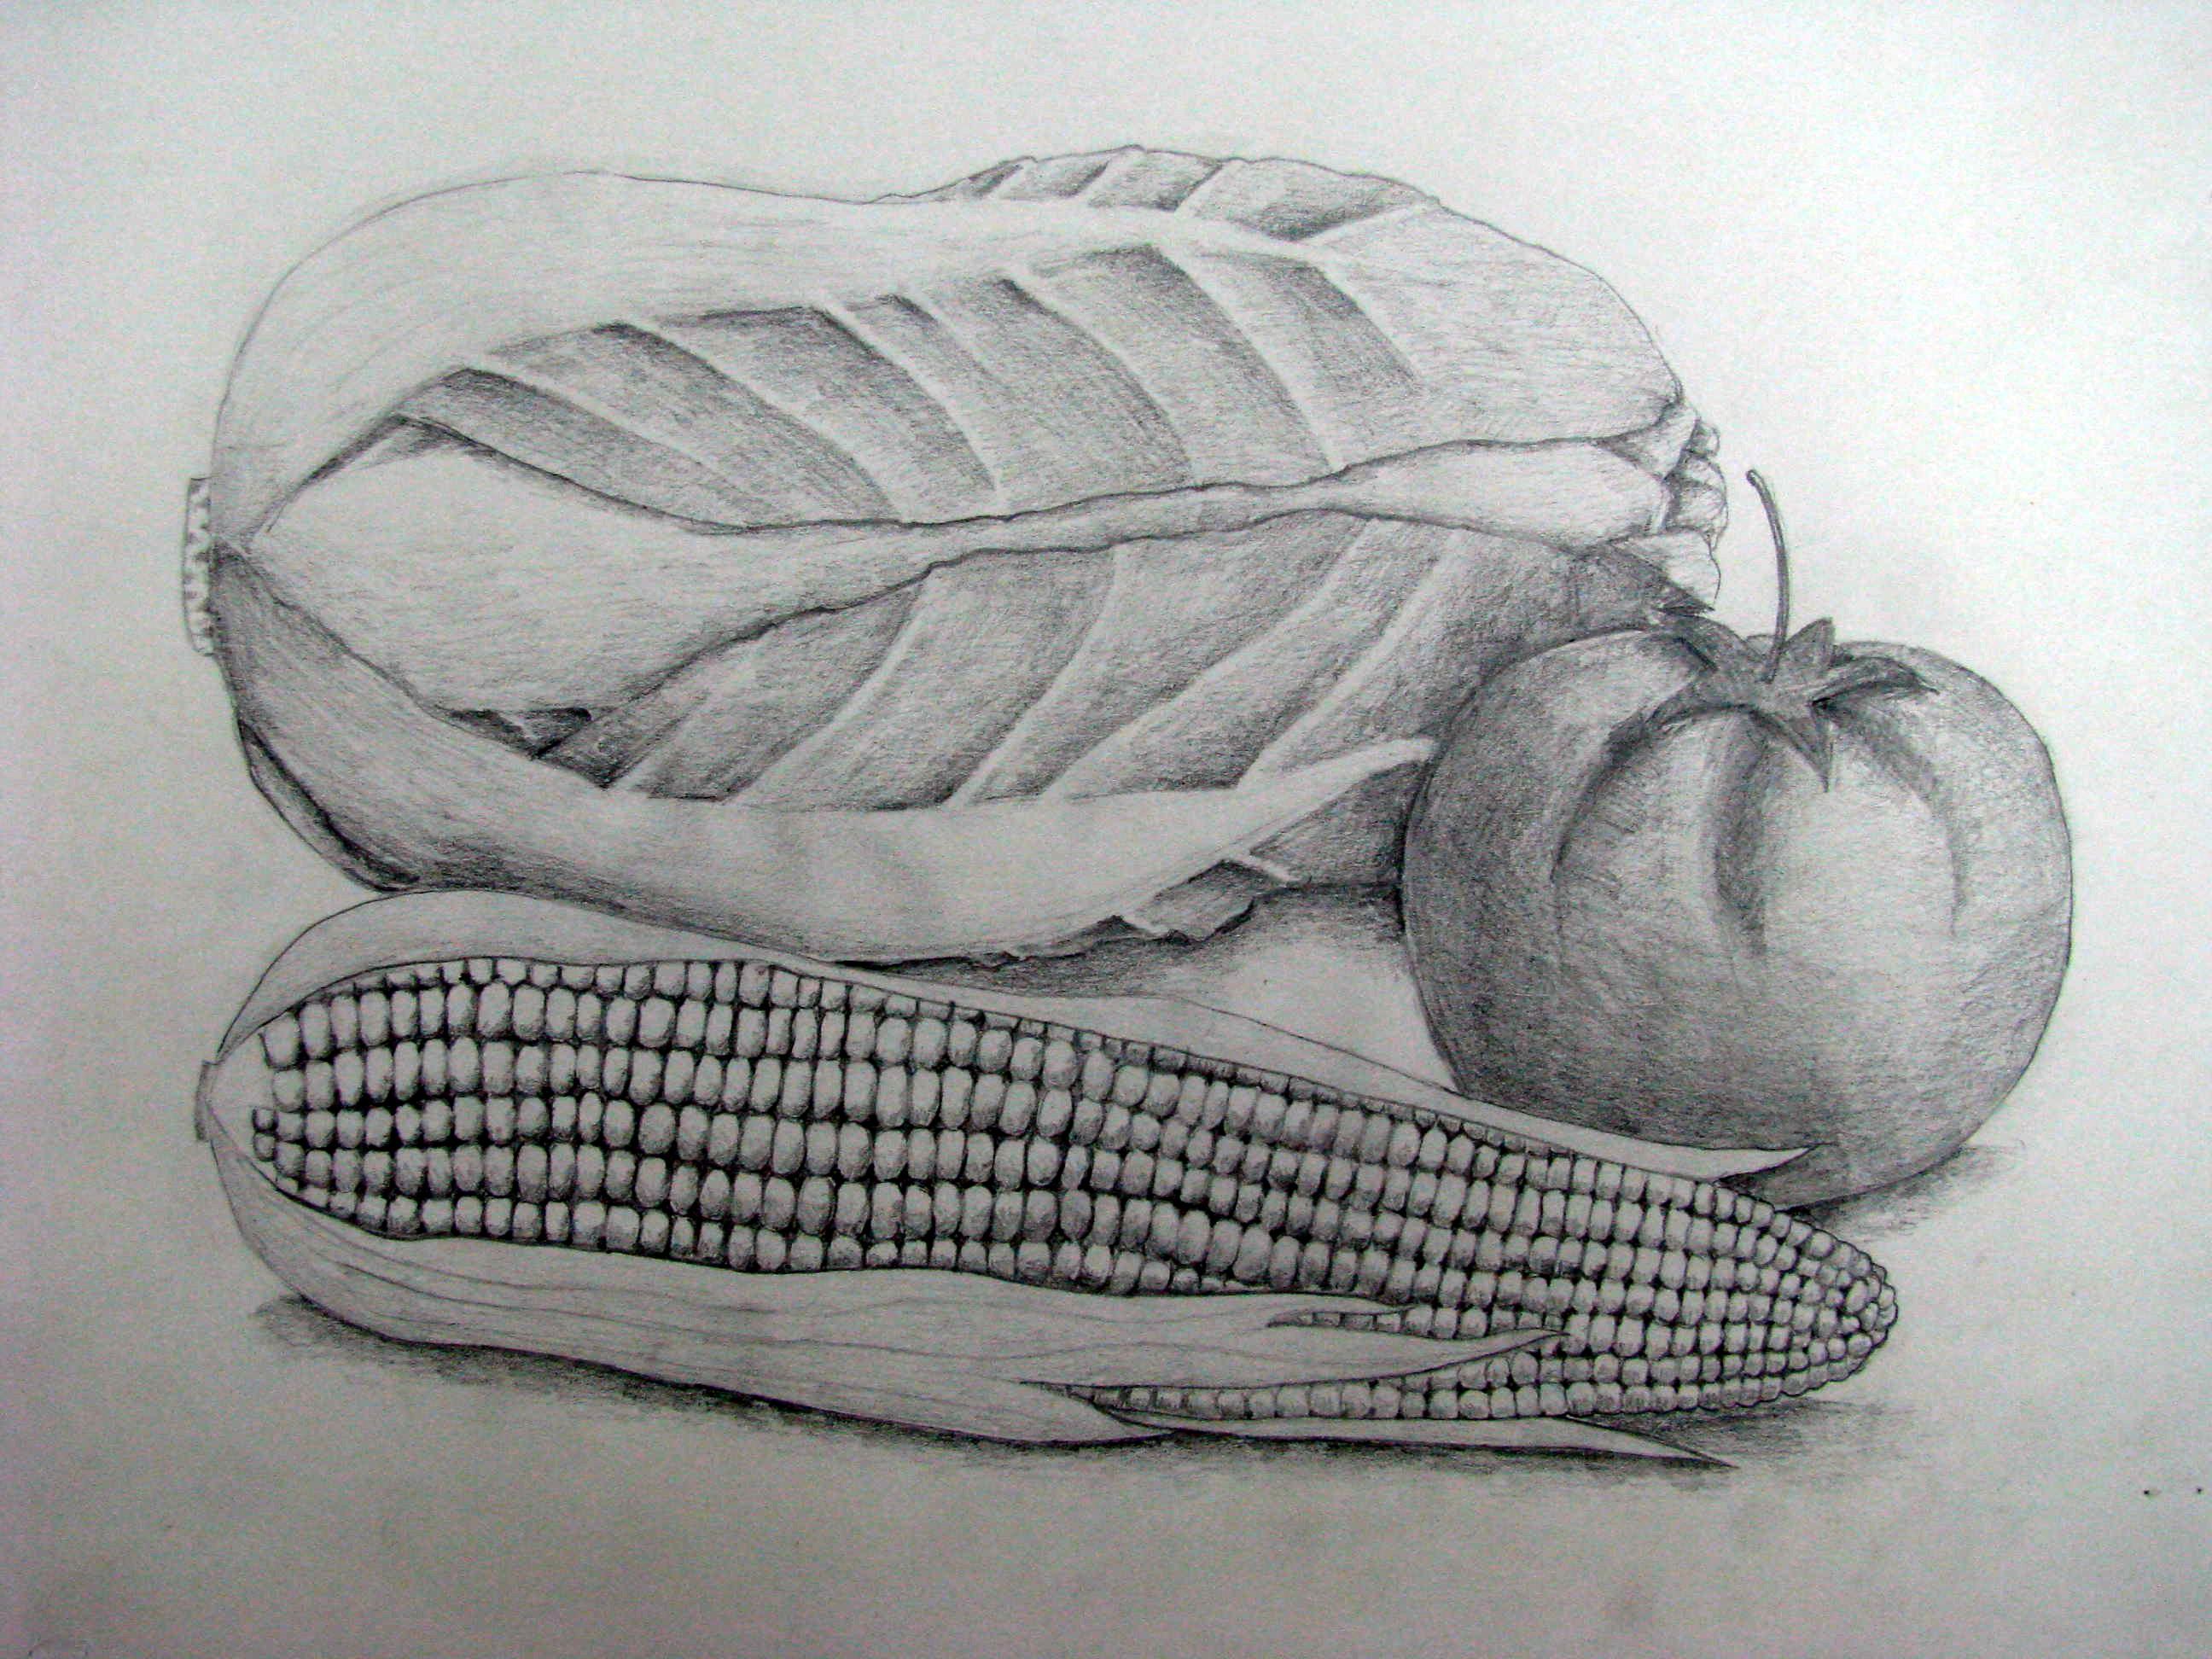 作品名称:静物素描    学生姓名:杨蔼婷    作画